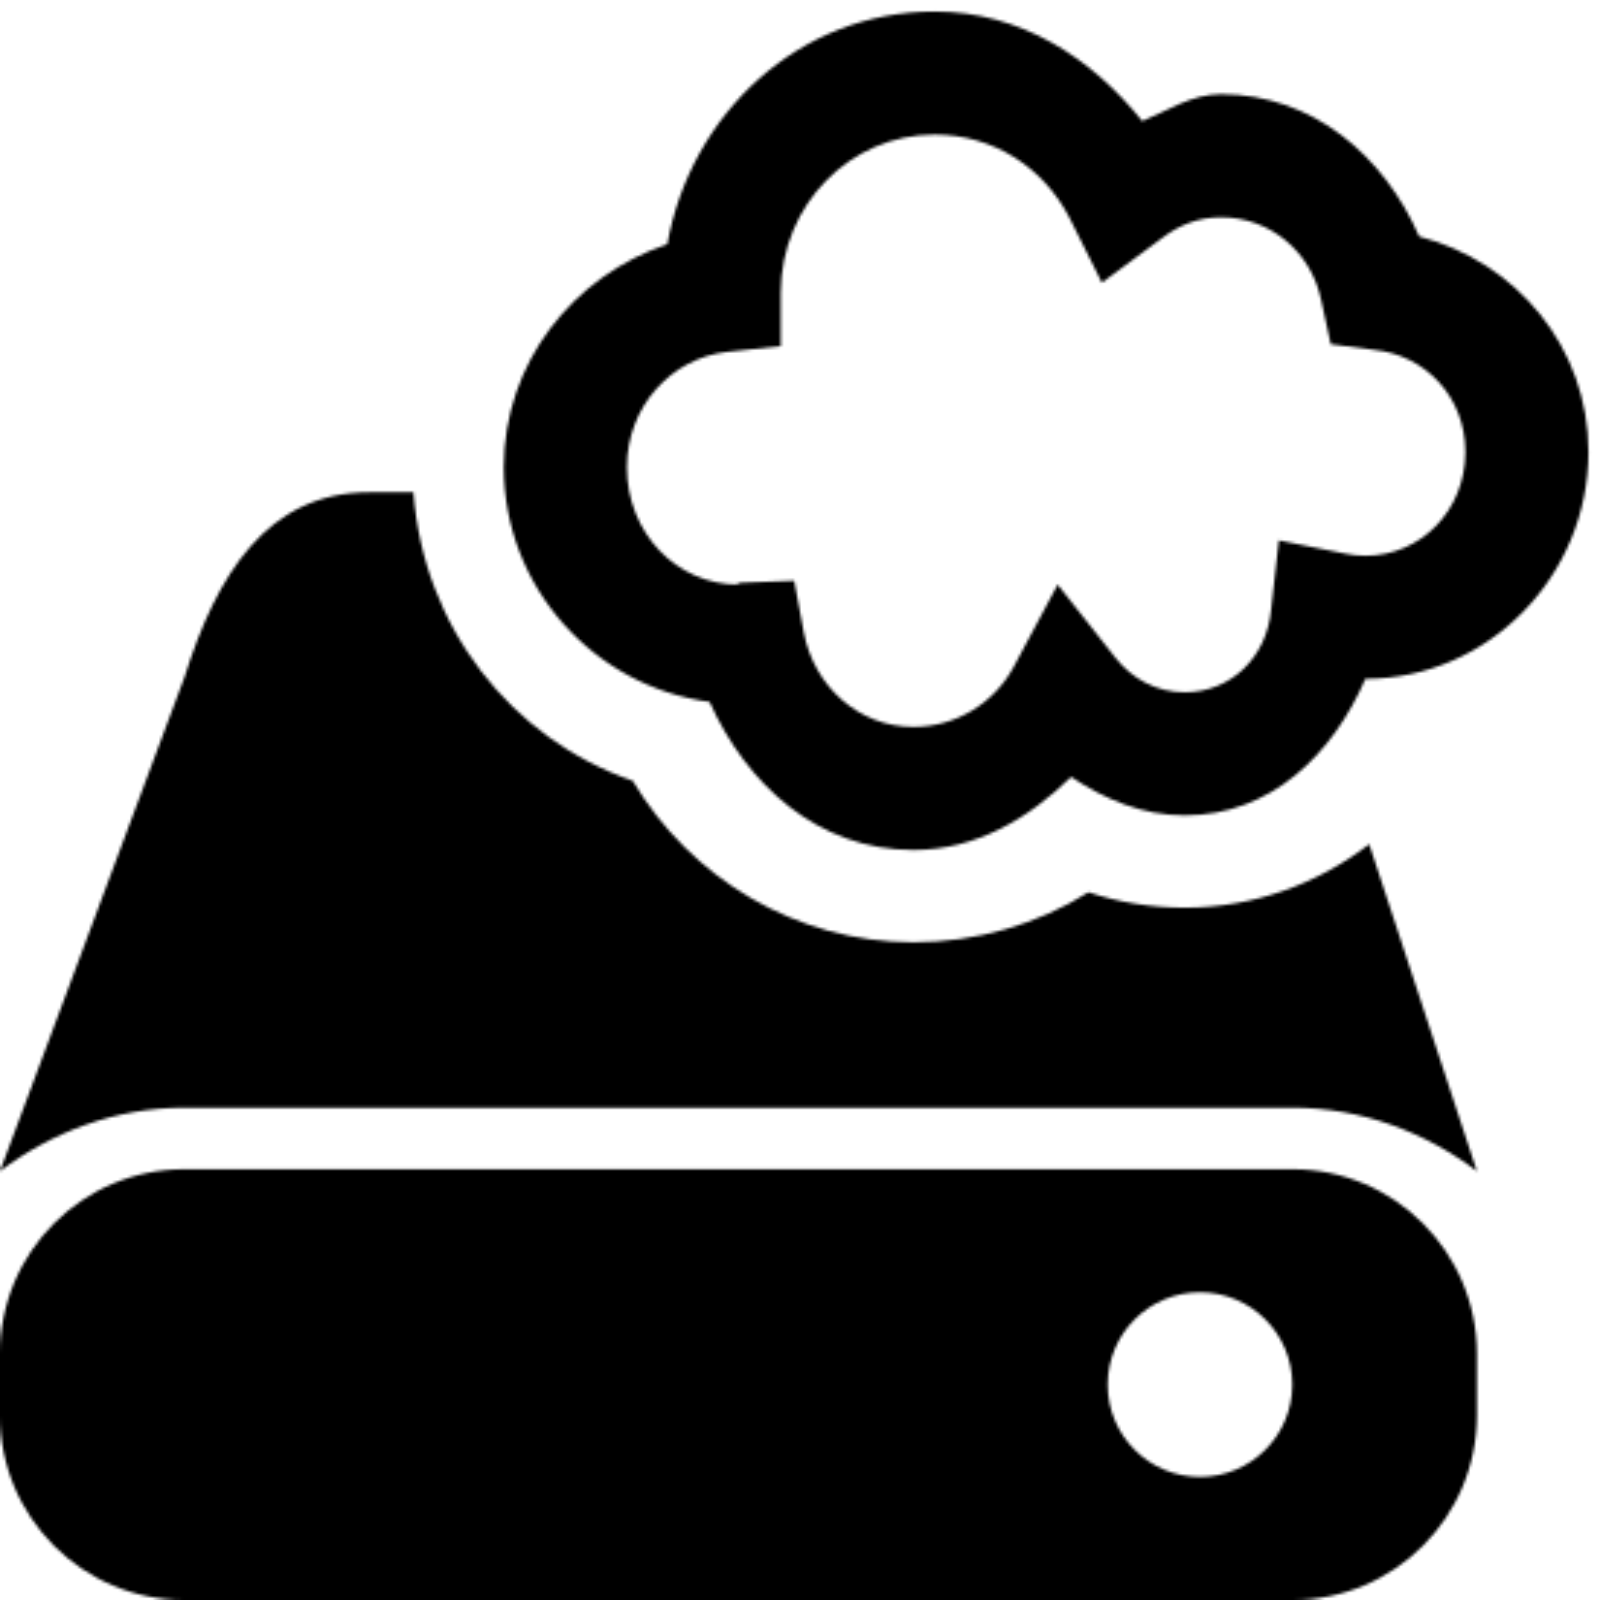 クラウドストレージ icon. This icon is a rectangular shape meant to represent an external hard drive. There is a little circle in the front right corner that represents the power light, and there is a small cloud shape hovering just above the back of the hard drive.